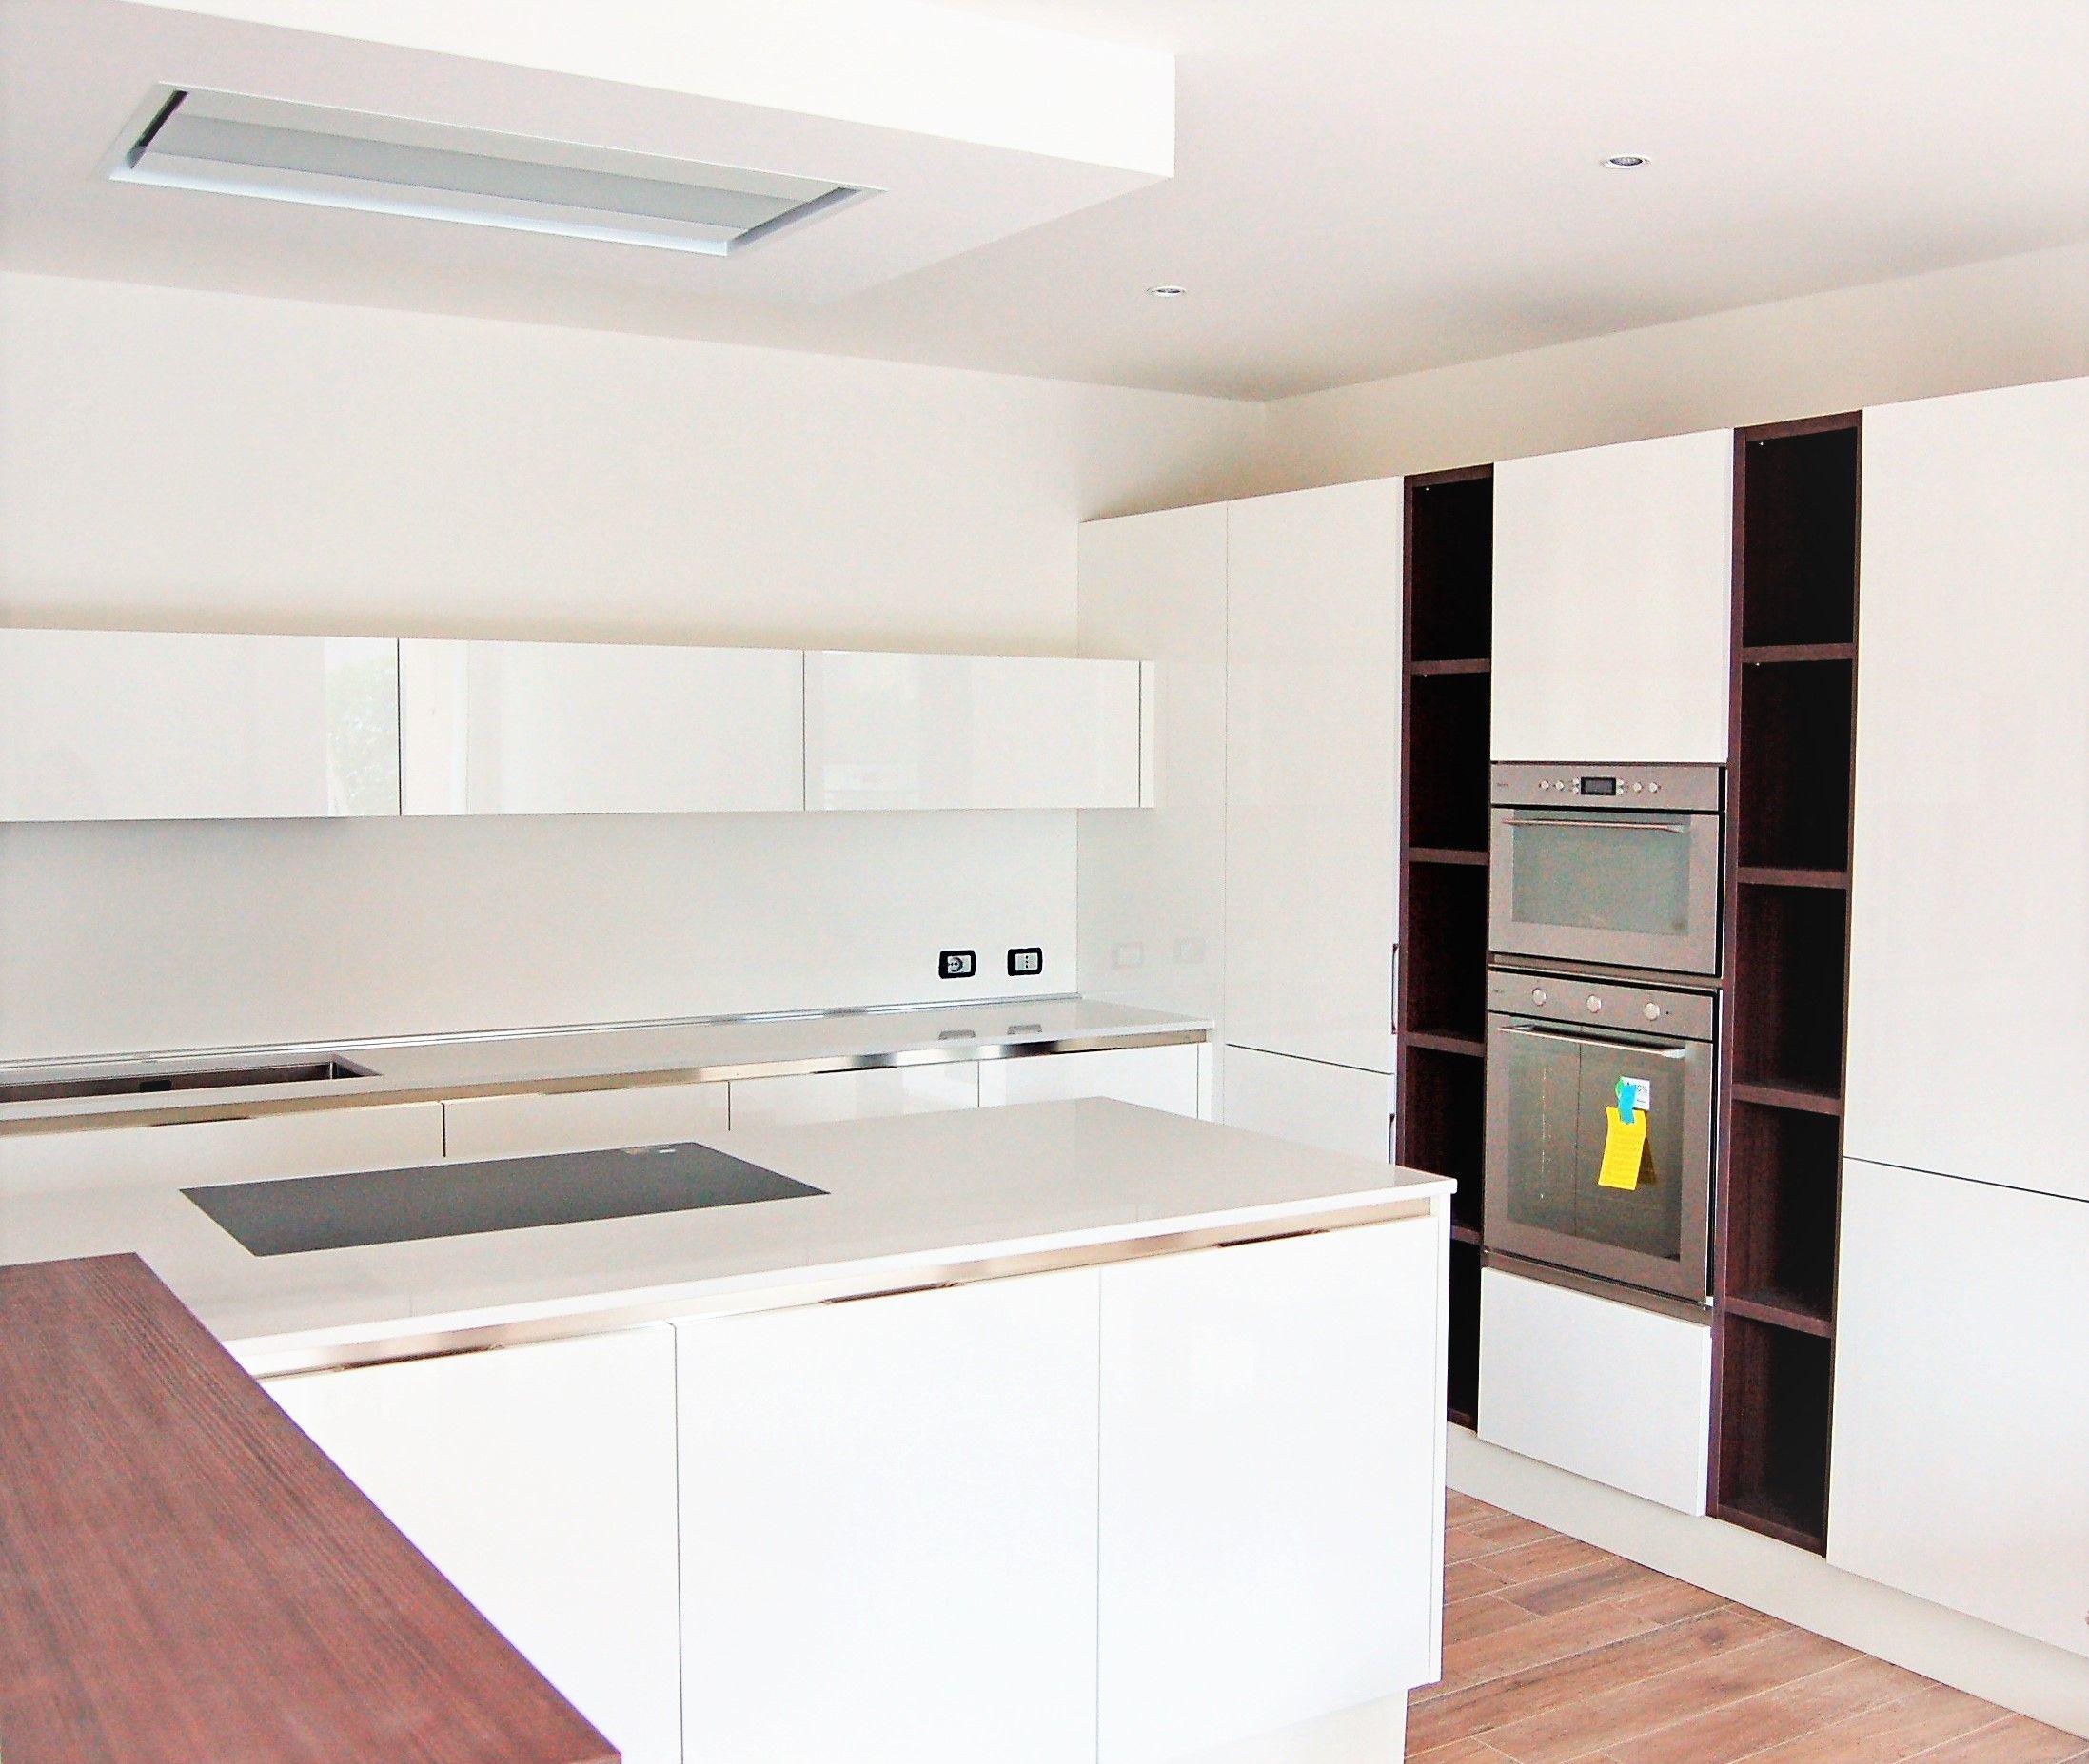 Cucina Moderna Bianca Laccata cucina moderna laccata bianca con gola, isola operativa con